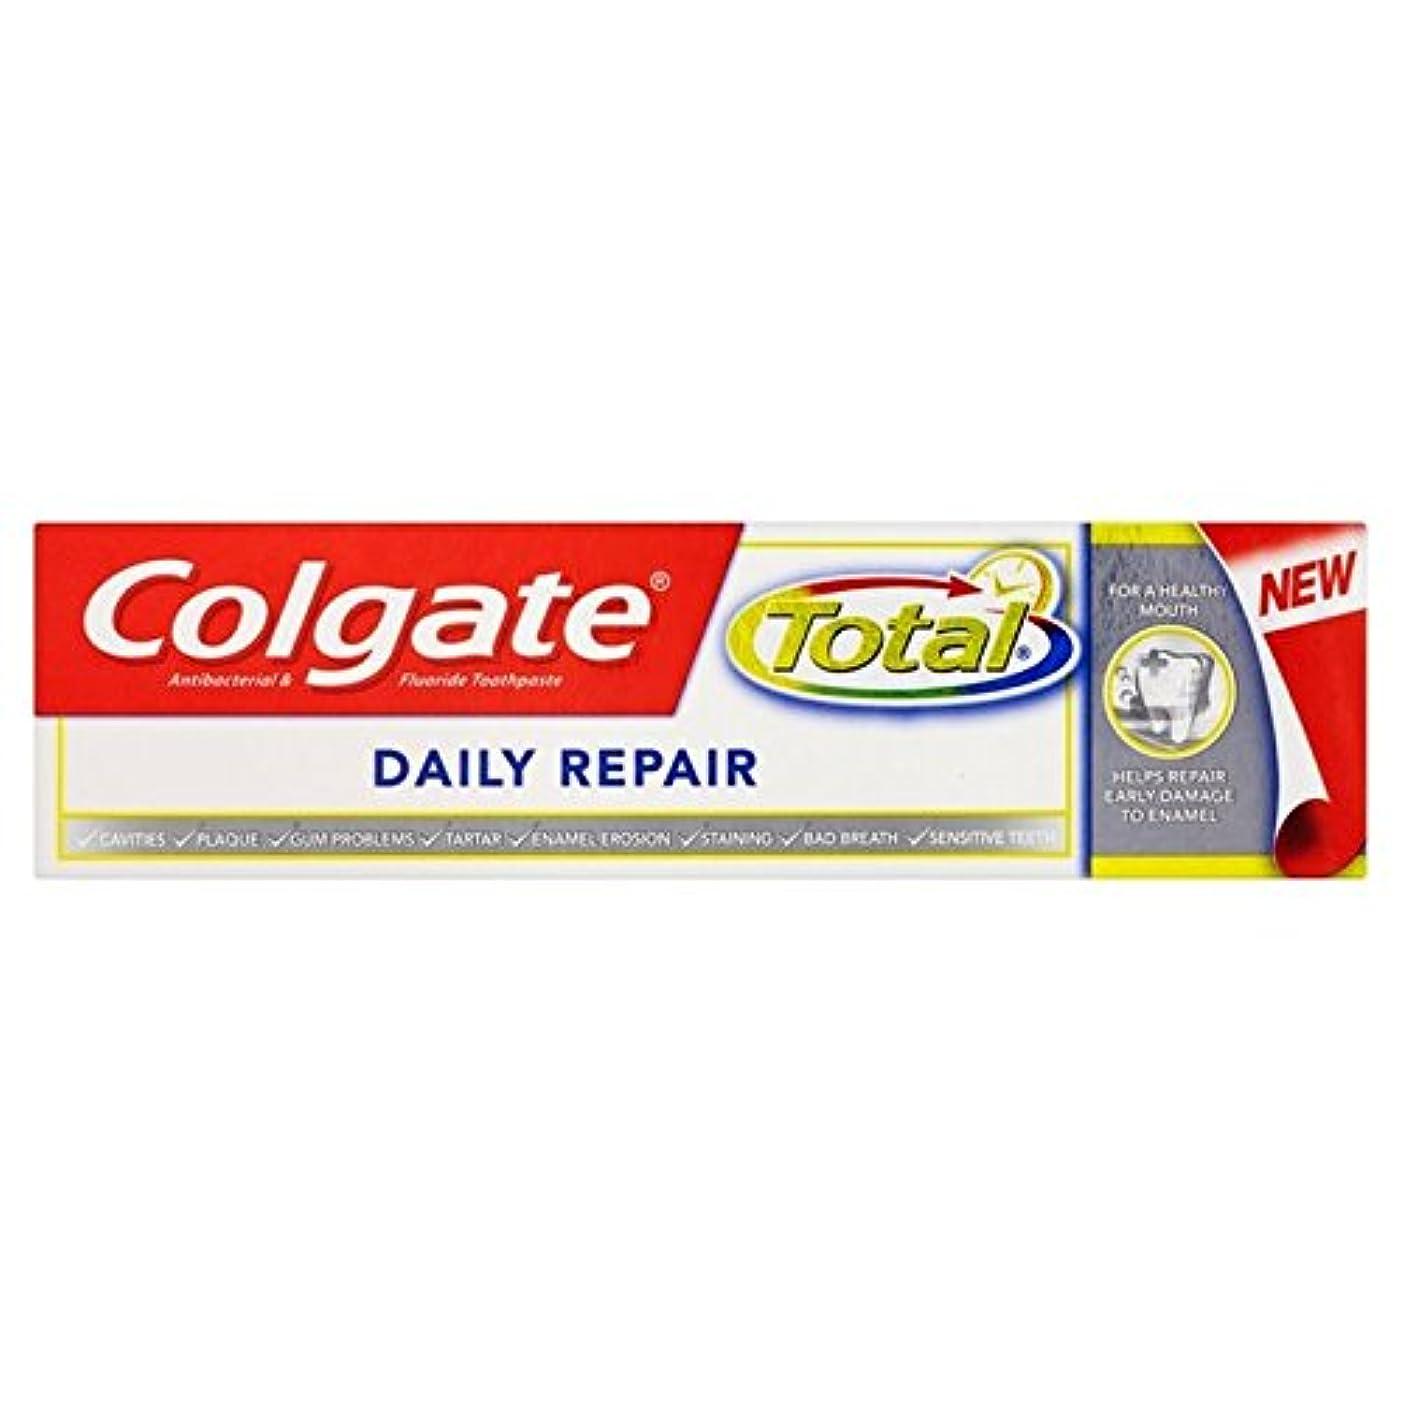 掻くシリング比較的コルゲートトータル毎日修理歯磨き粉75ミリリットル x4 - Colgate Total Daily Repair Toothpaste 75ml (Pack of 4) [並行輸入品]